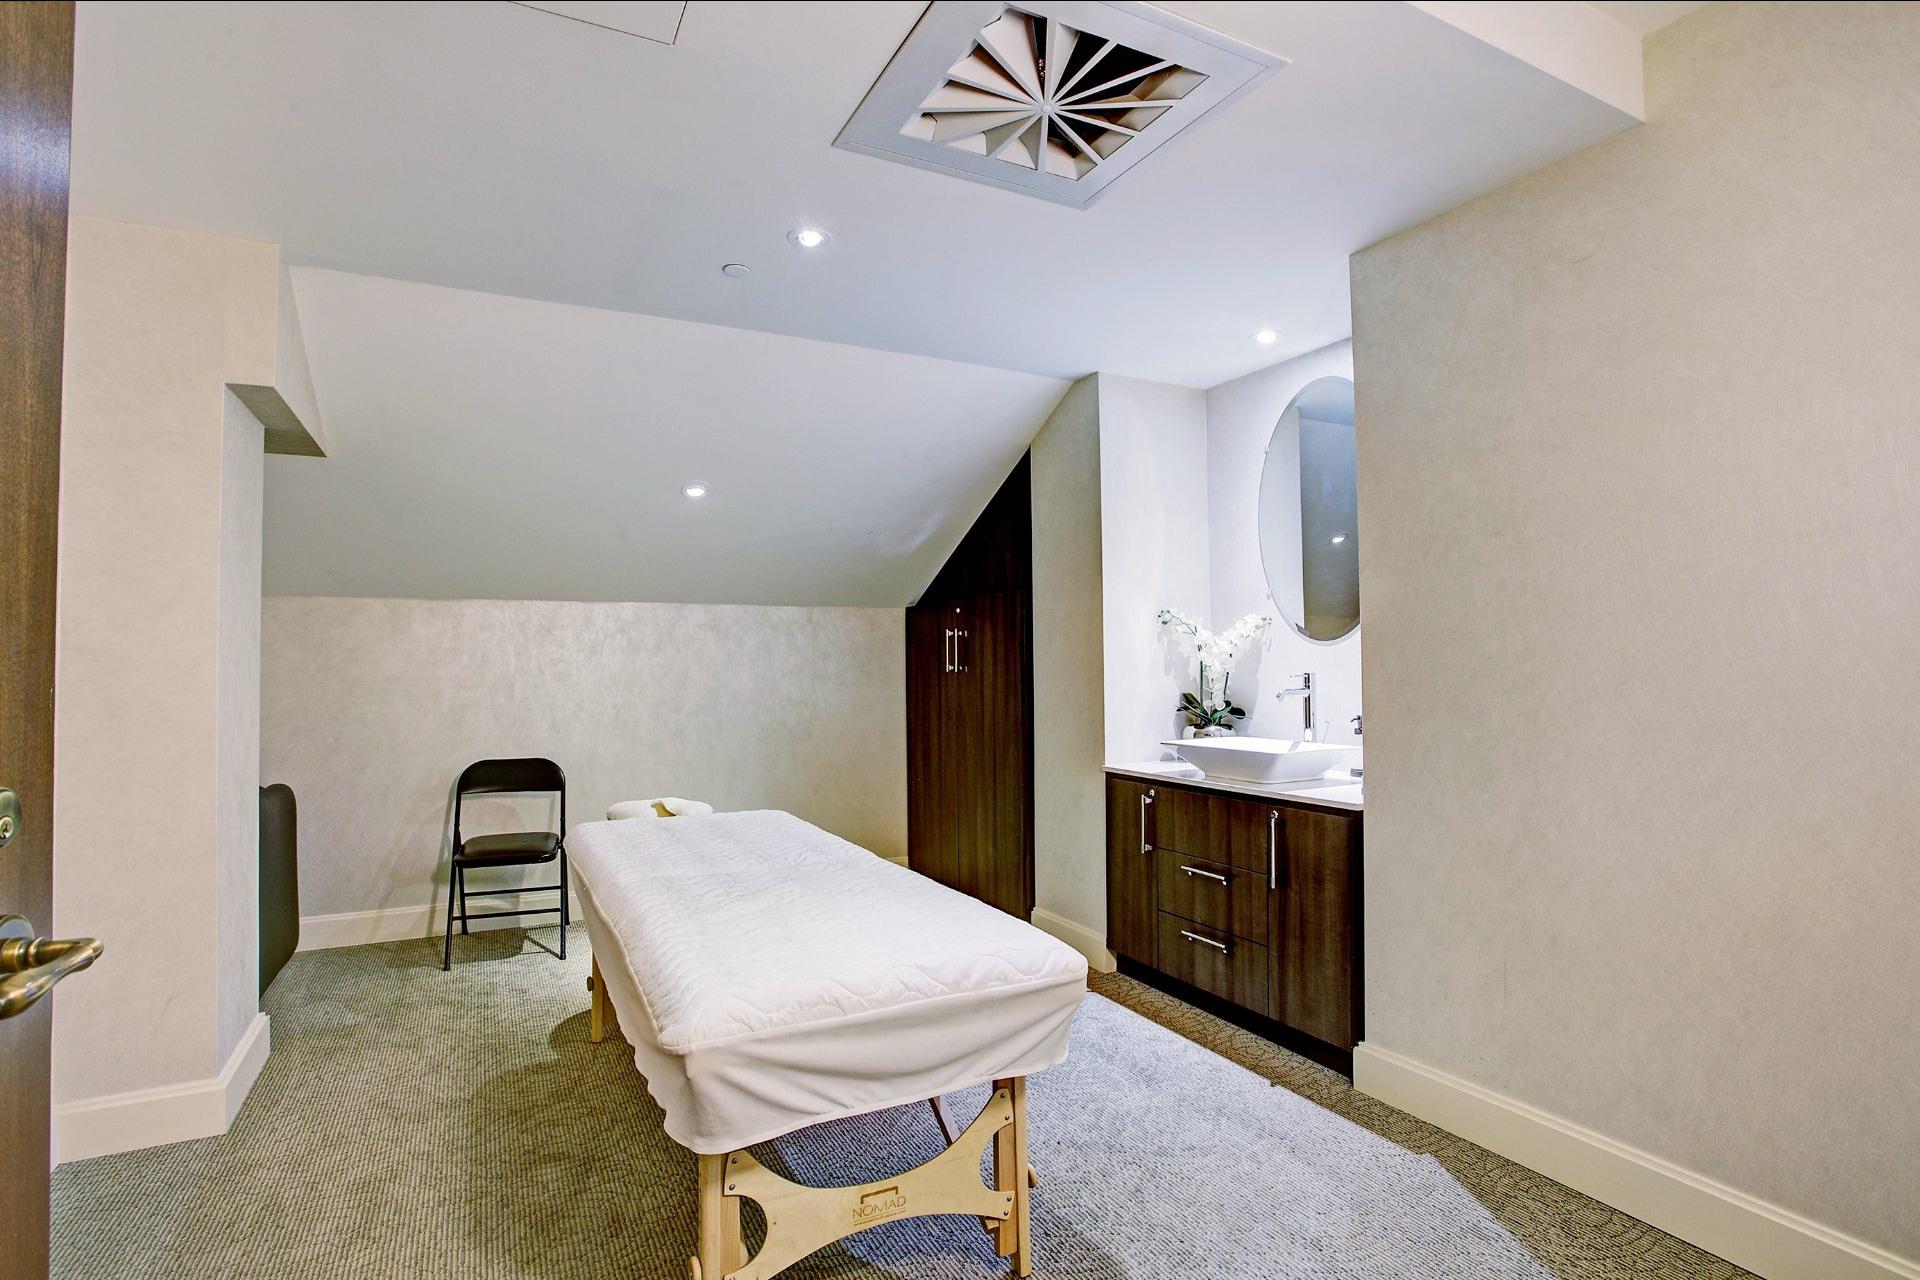 image 25 - Apartment For sale Montréal Ville-Marie  - 4 rooms